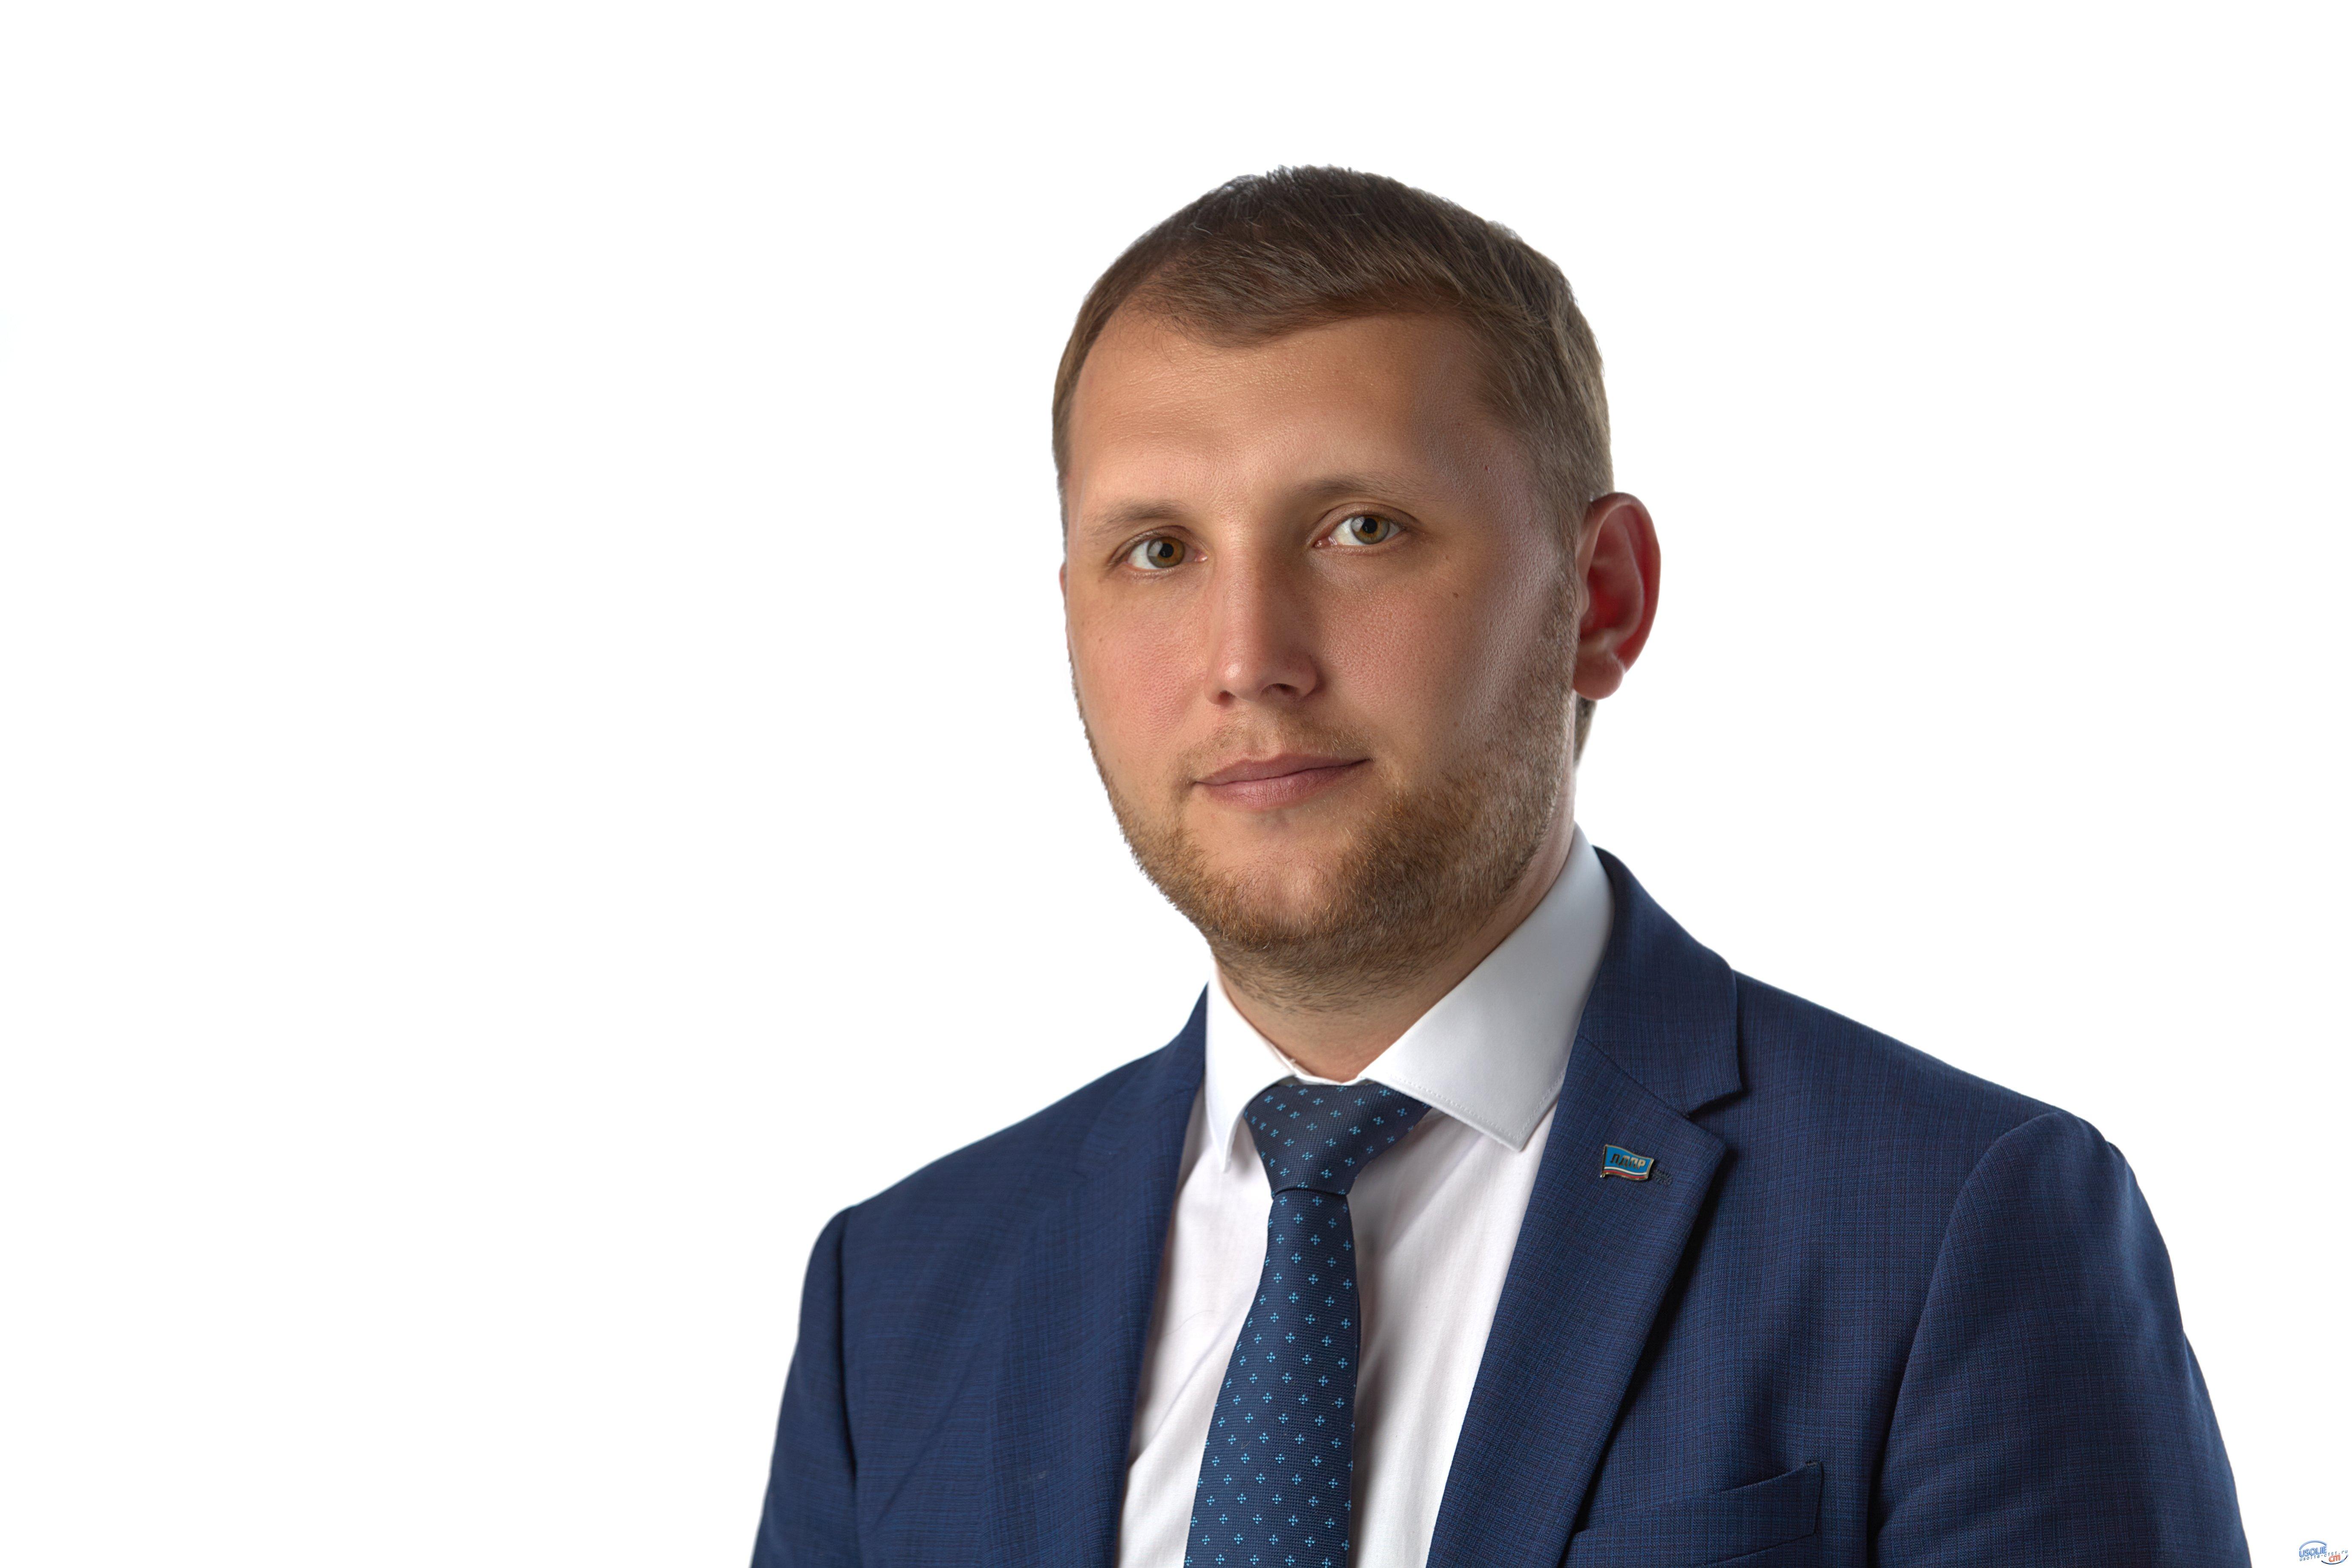 Дмитрий Тютрин: О том, что решали на Совете по взаимодействию с муниципальными образованиями